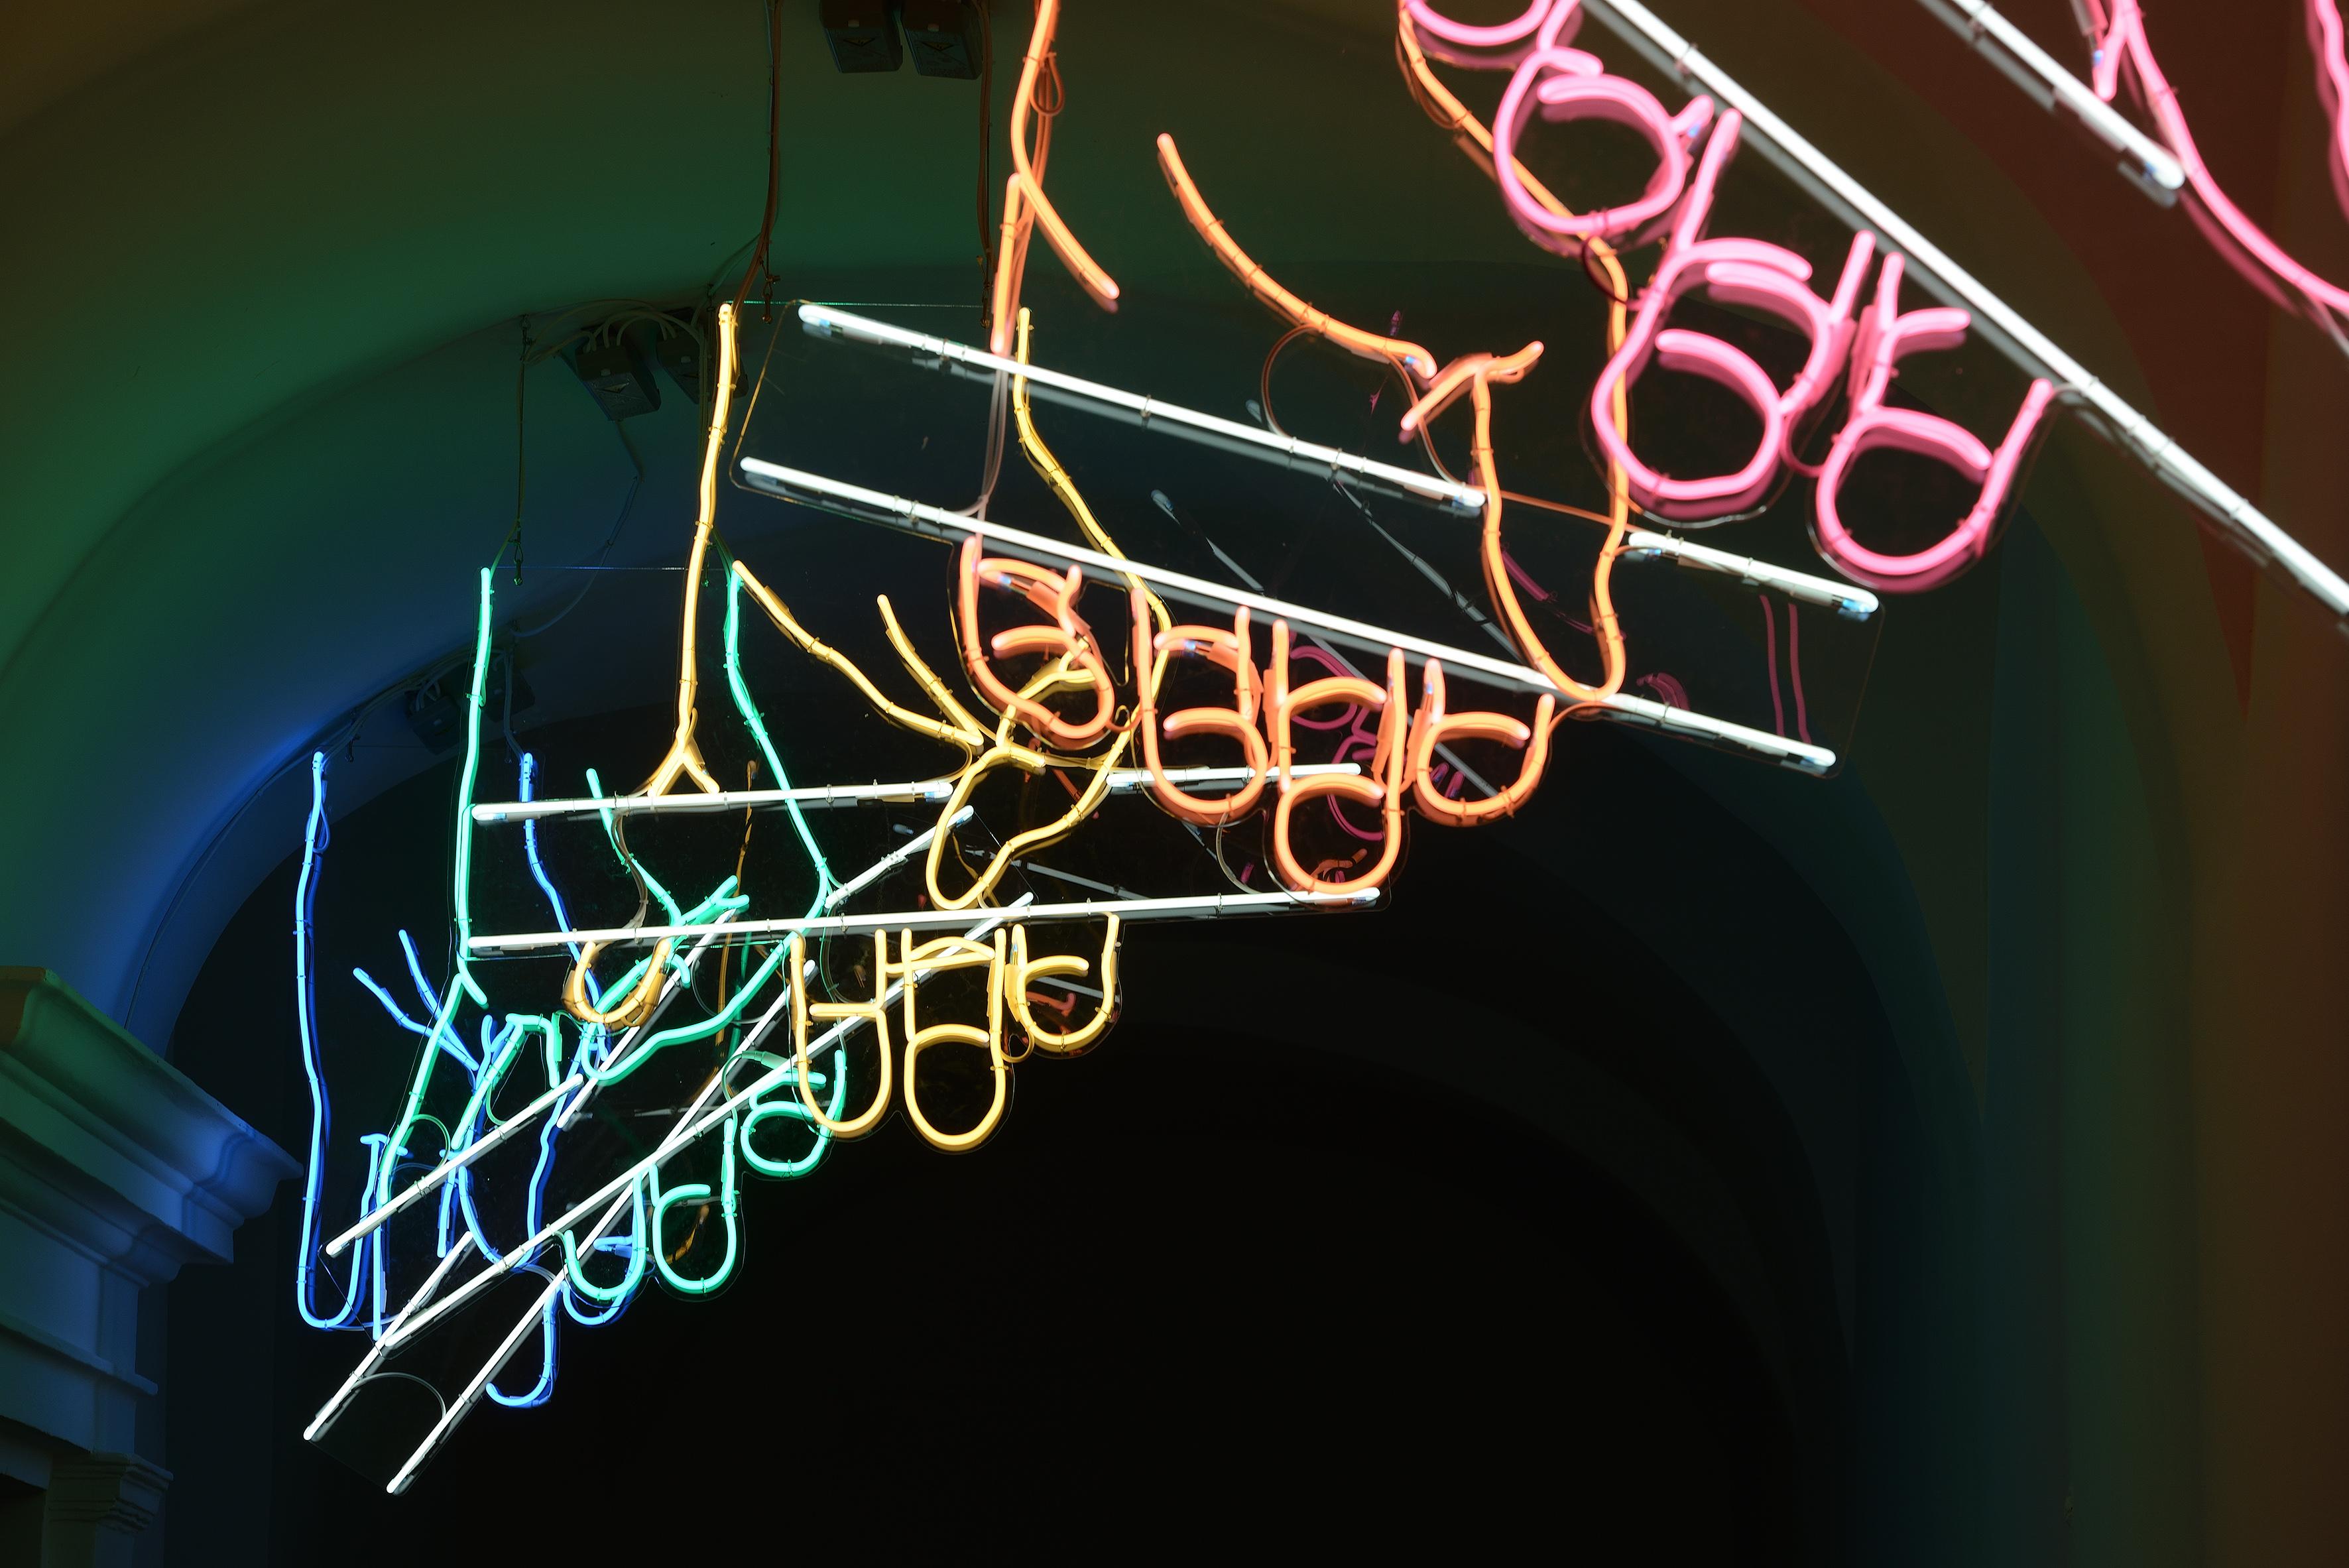 Patrick Tuttofuoco, installazione site-specific per il Premio Ermanno Casoli Edizione Speciale 20 anni in occasione dell'inaugurazione del Museo Premio Ermanno Casoli 1998-2007 . Ph. Michele Alberto Sereni